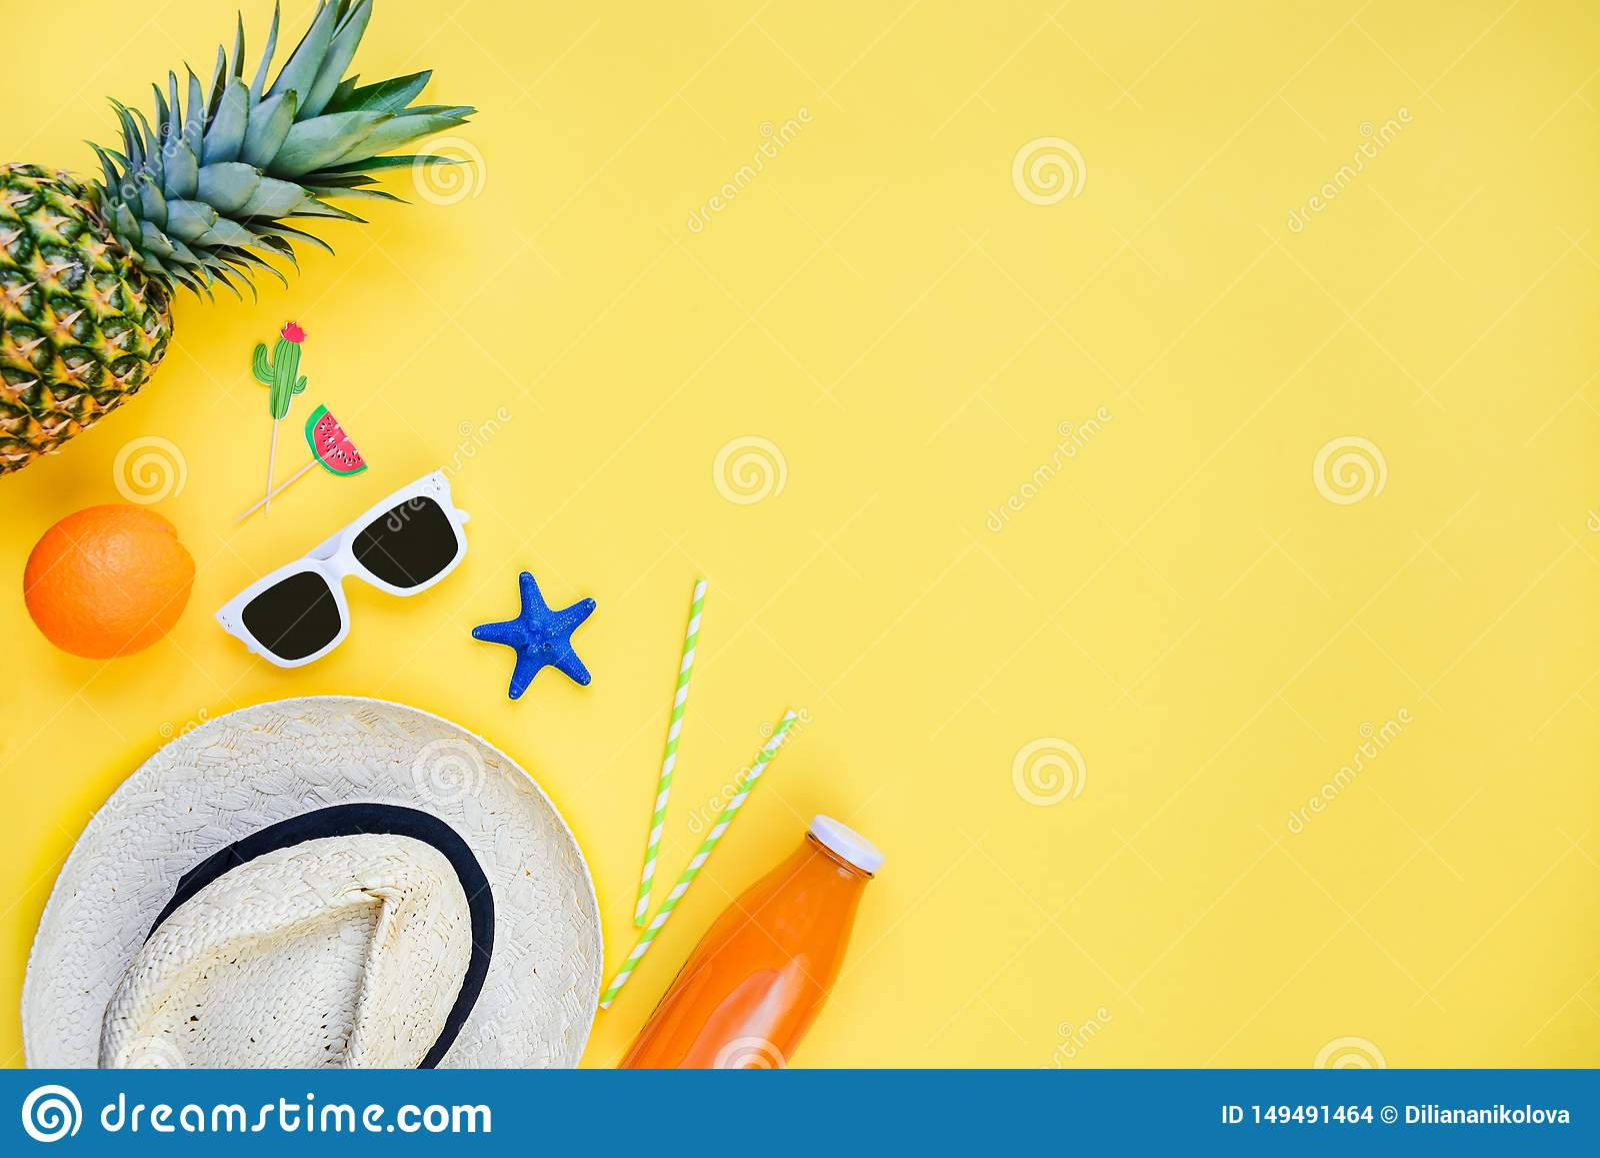 Bakgrund f?r sommarsemester Sugrörhatt, vit solglasögon, tropiska frukter, ny fruktsaft och coctailtillbehör över guling